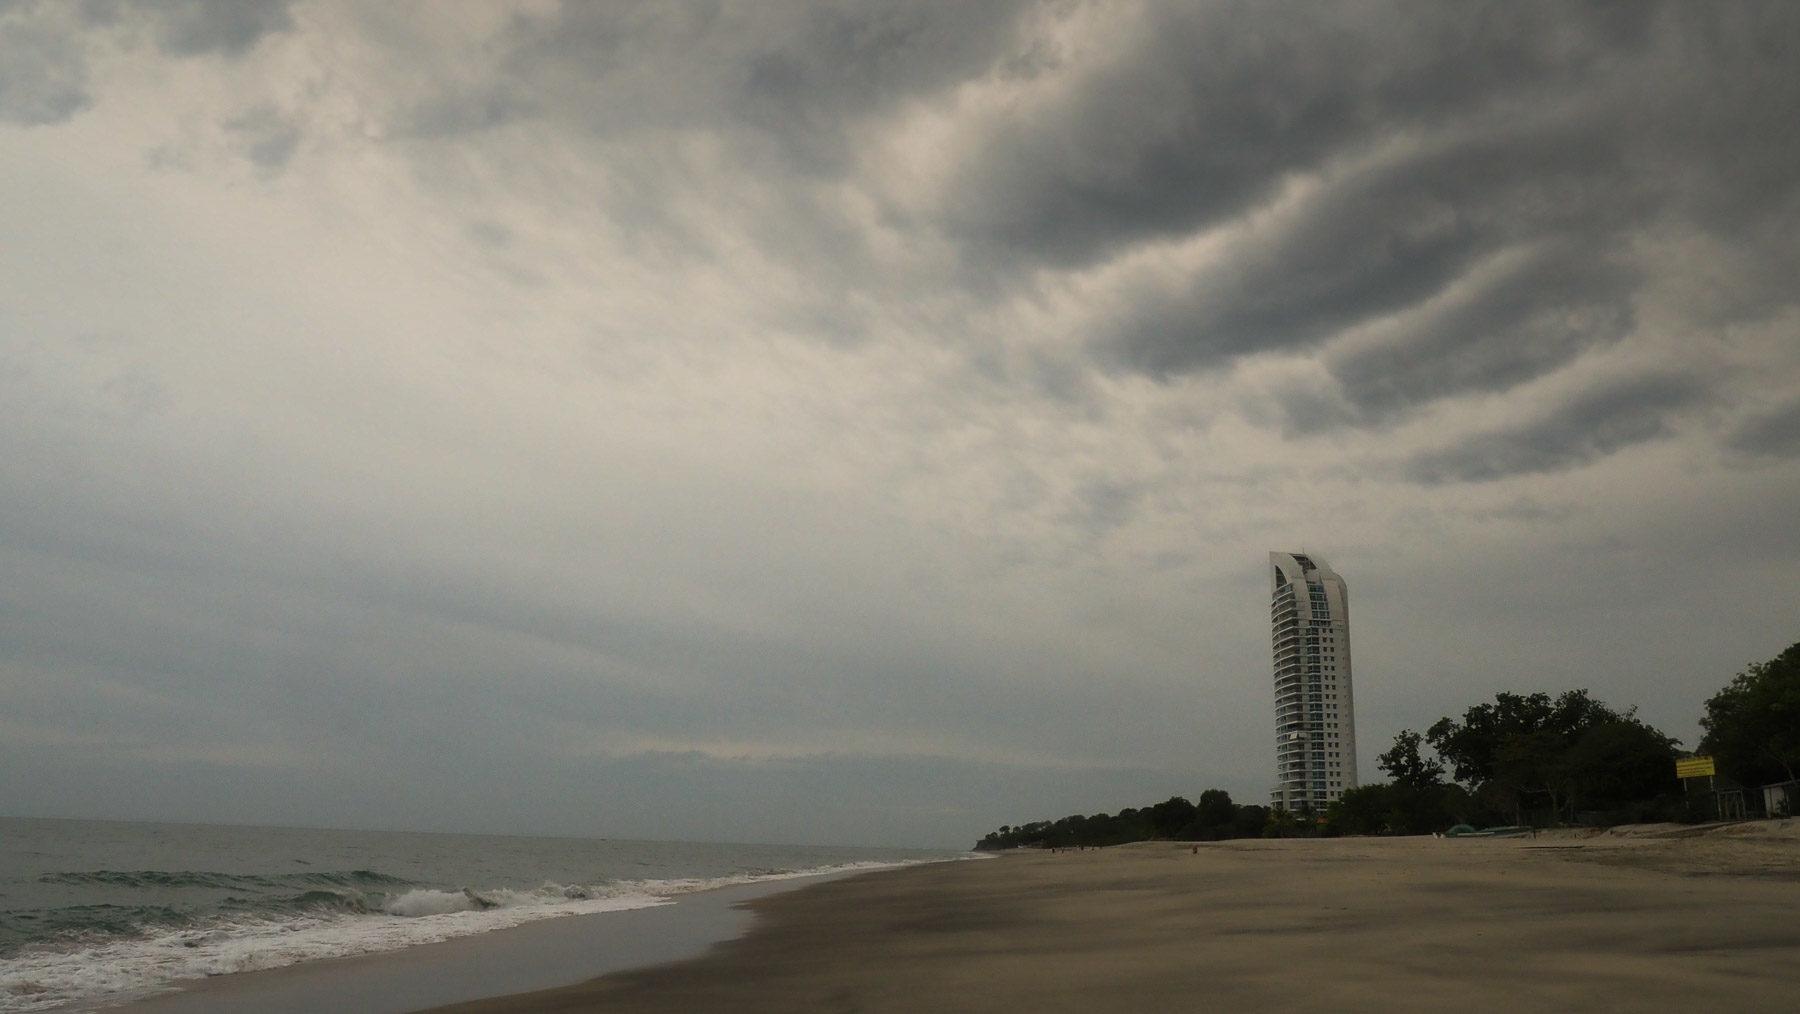 Düstere Stimmung. Der Himmel ist eigentlich immer bedeckt jetzt in der Regenzeit